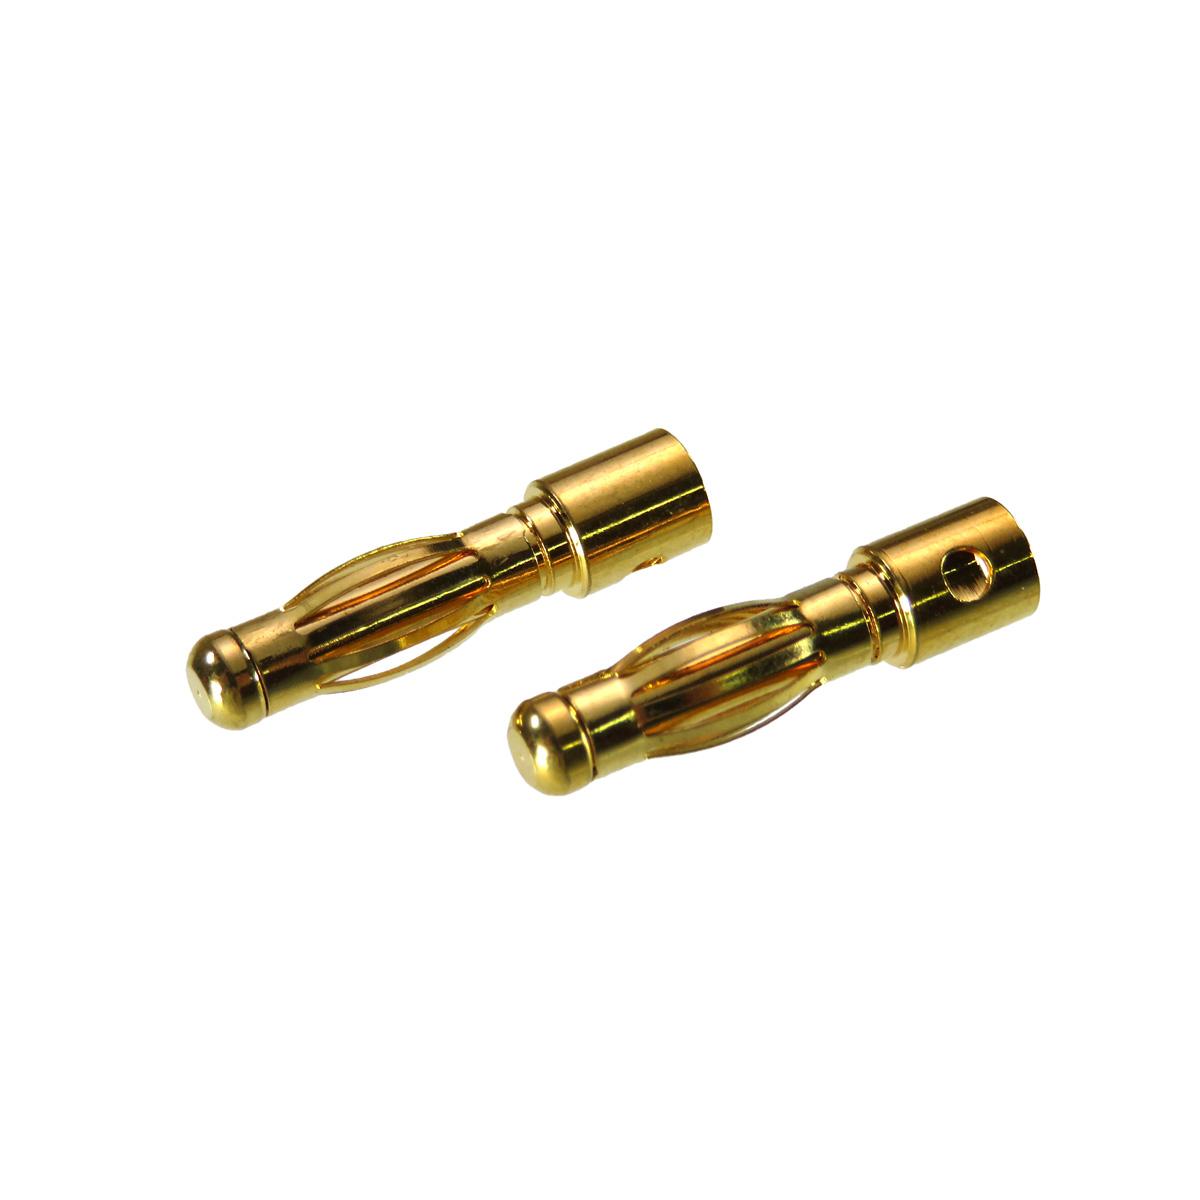 ヨーロピアンコネクター φ4mm オス2個セット